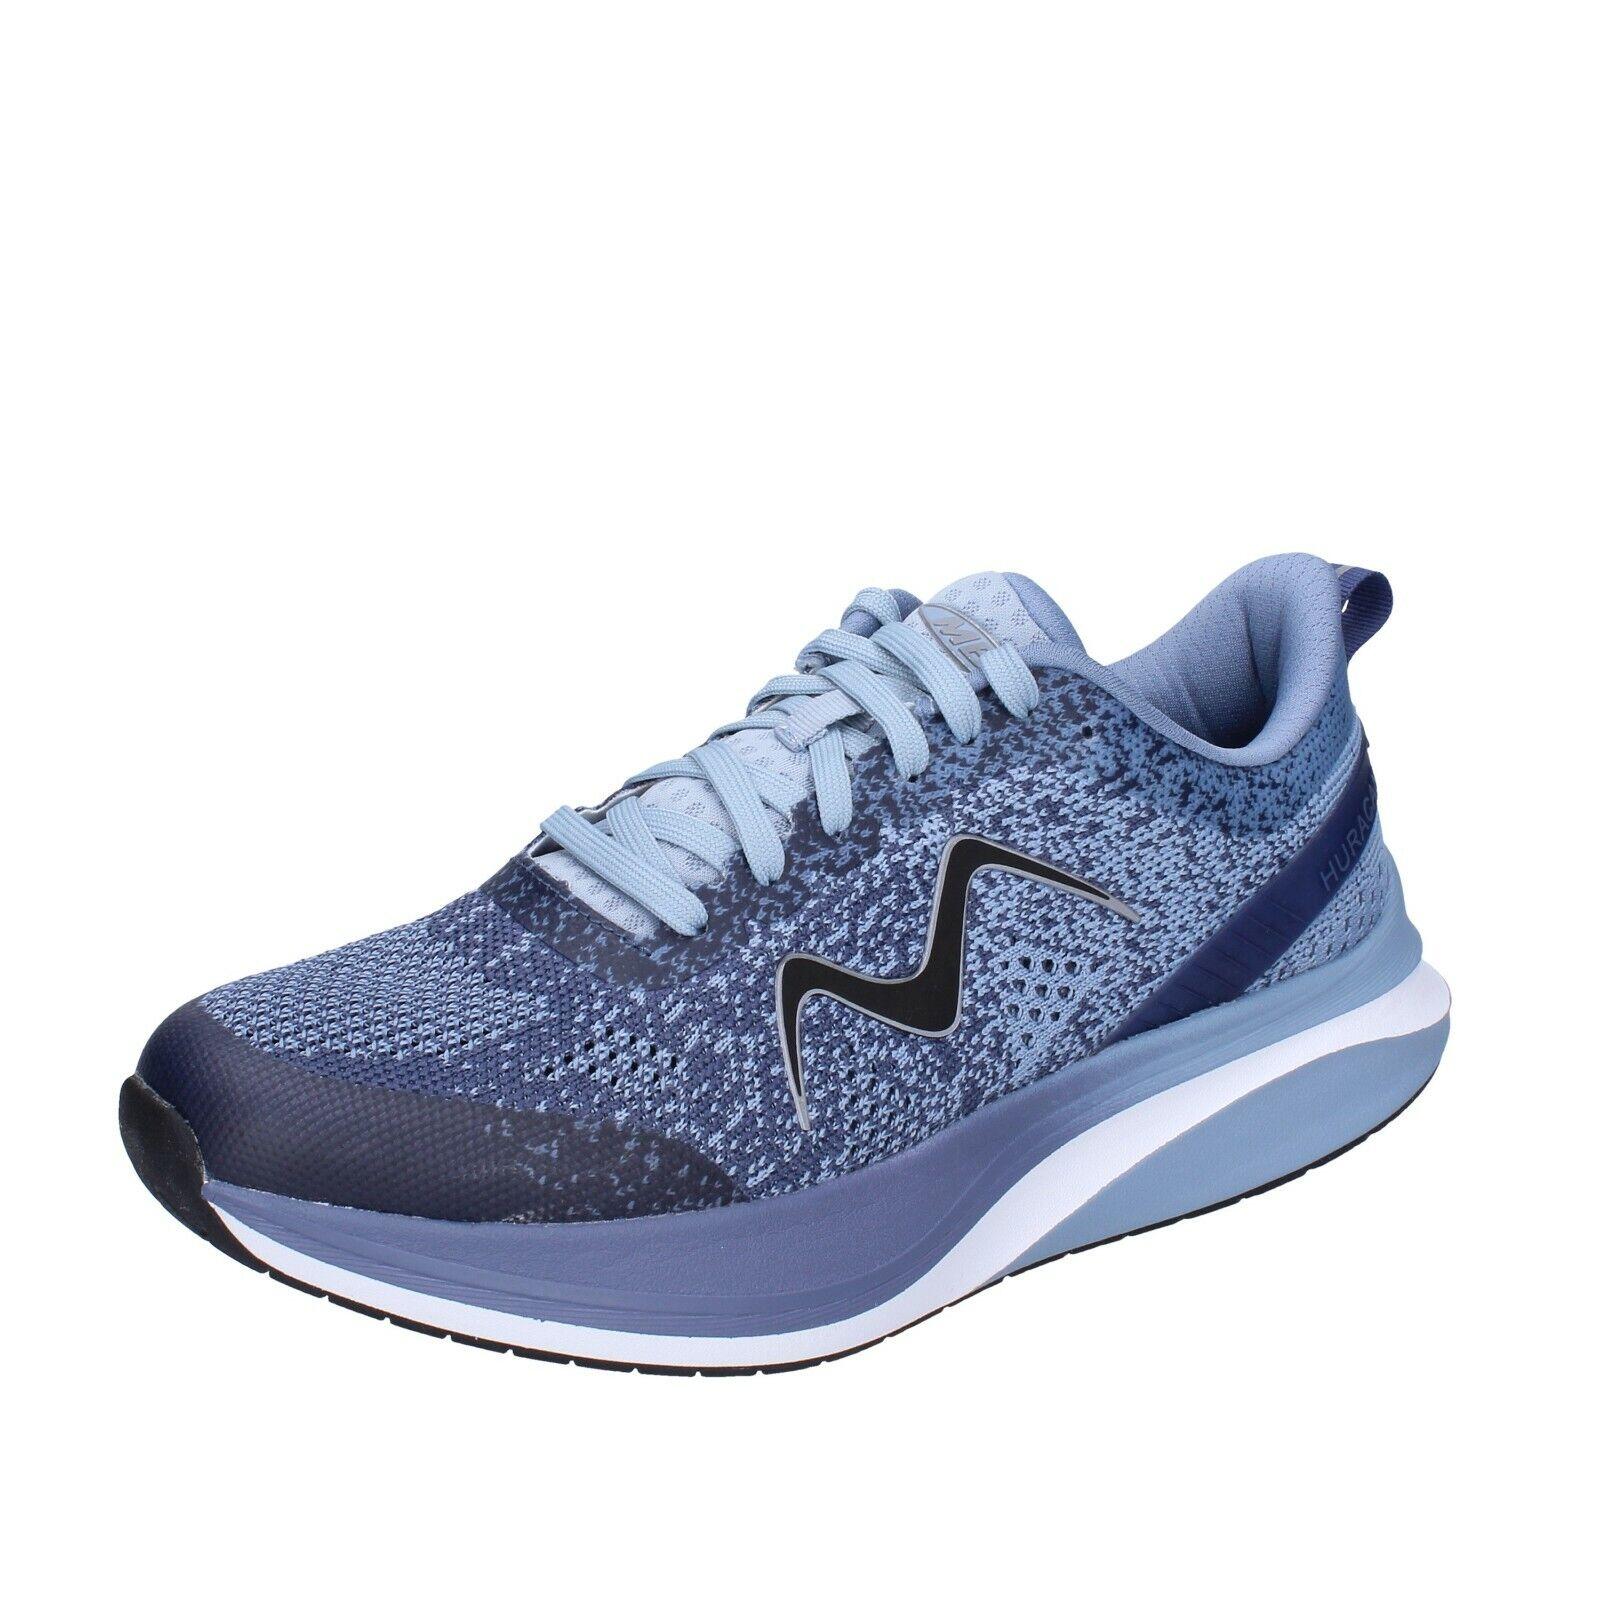 Men's shoes mbt 43,5 EU shoes woven blue bh613